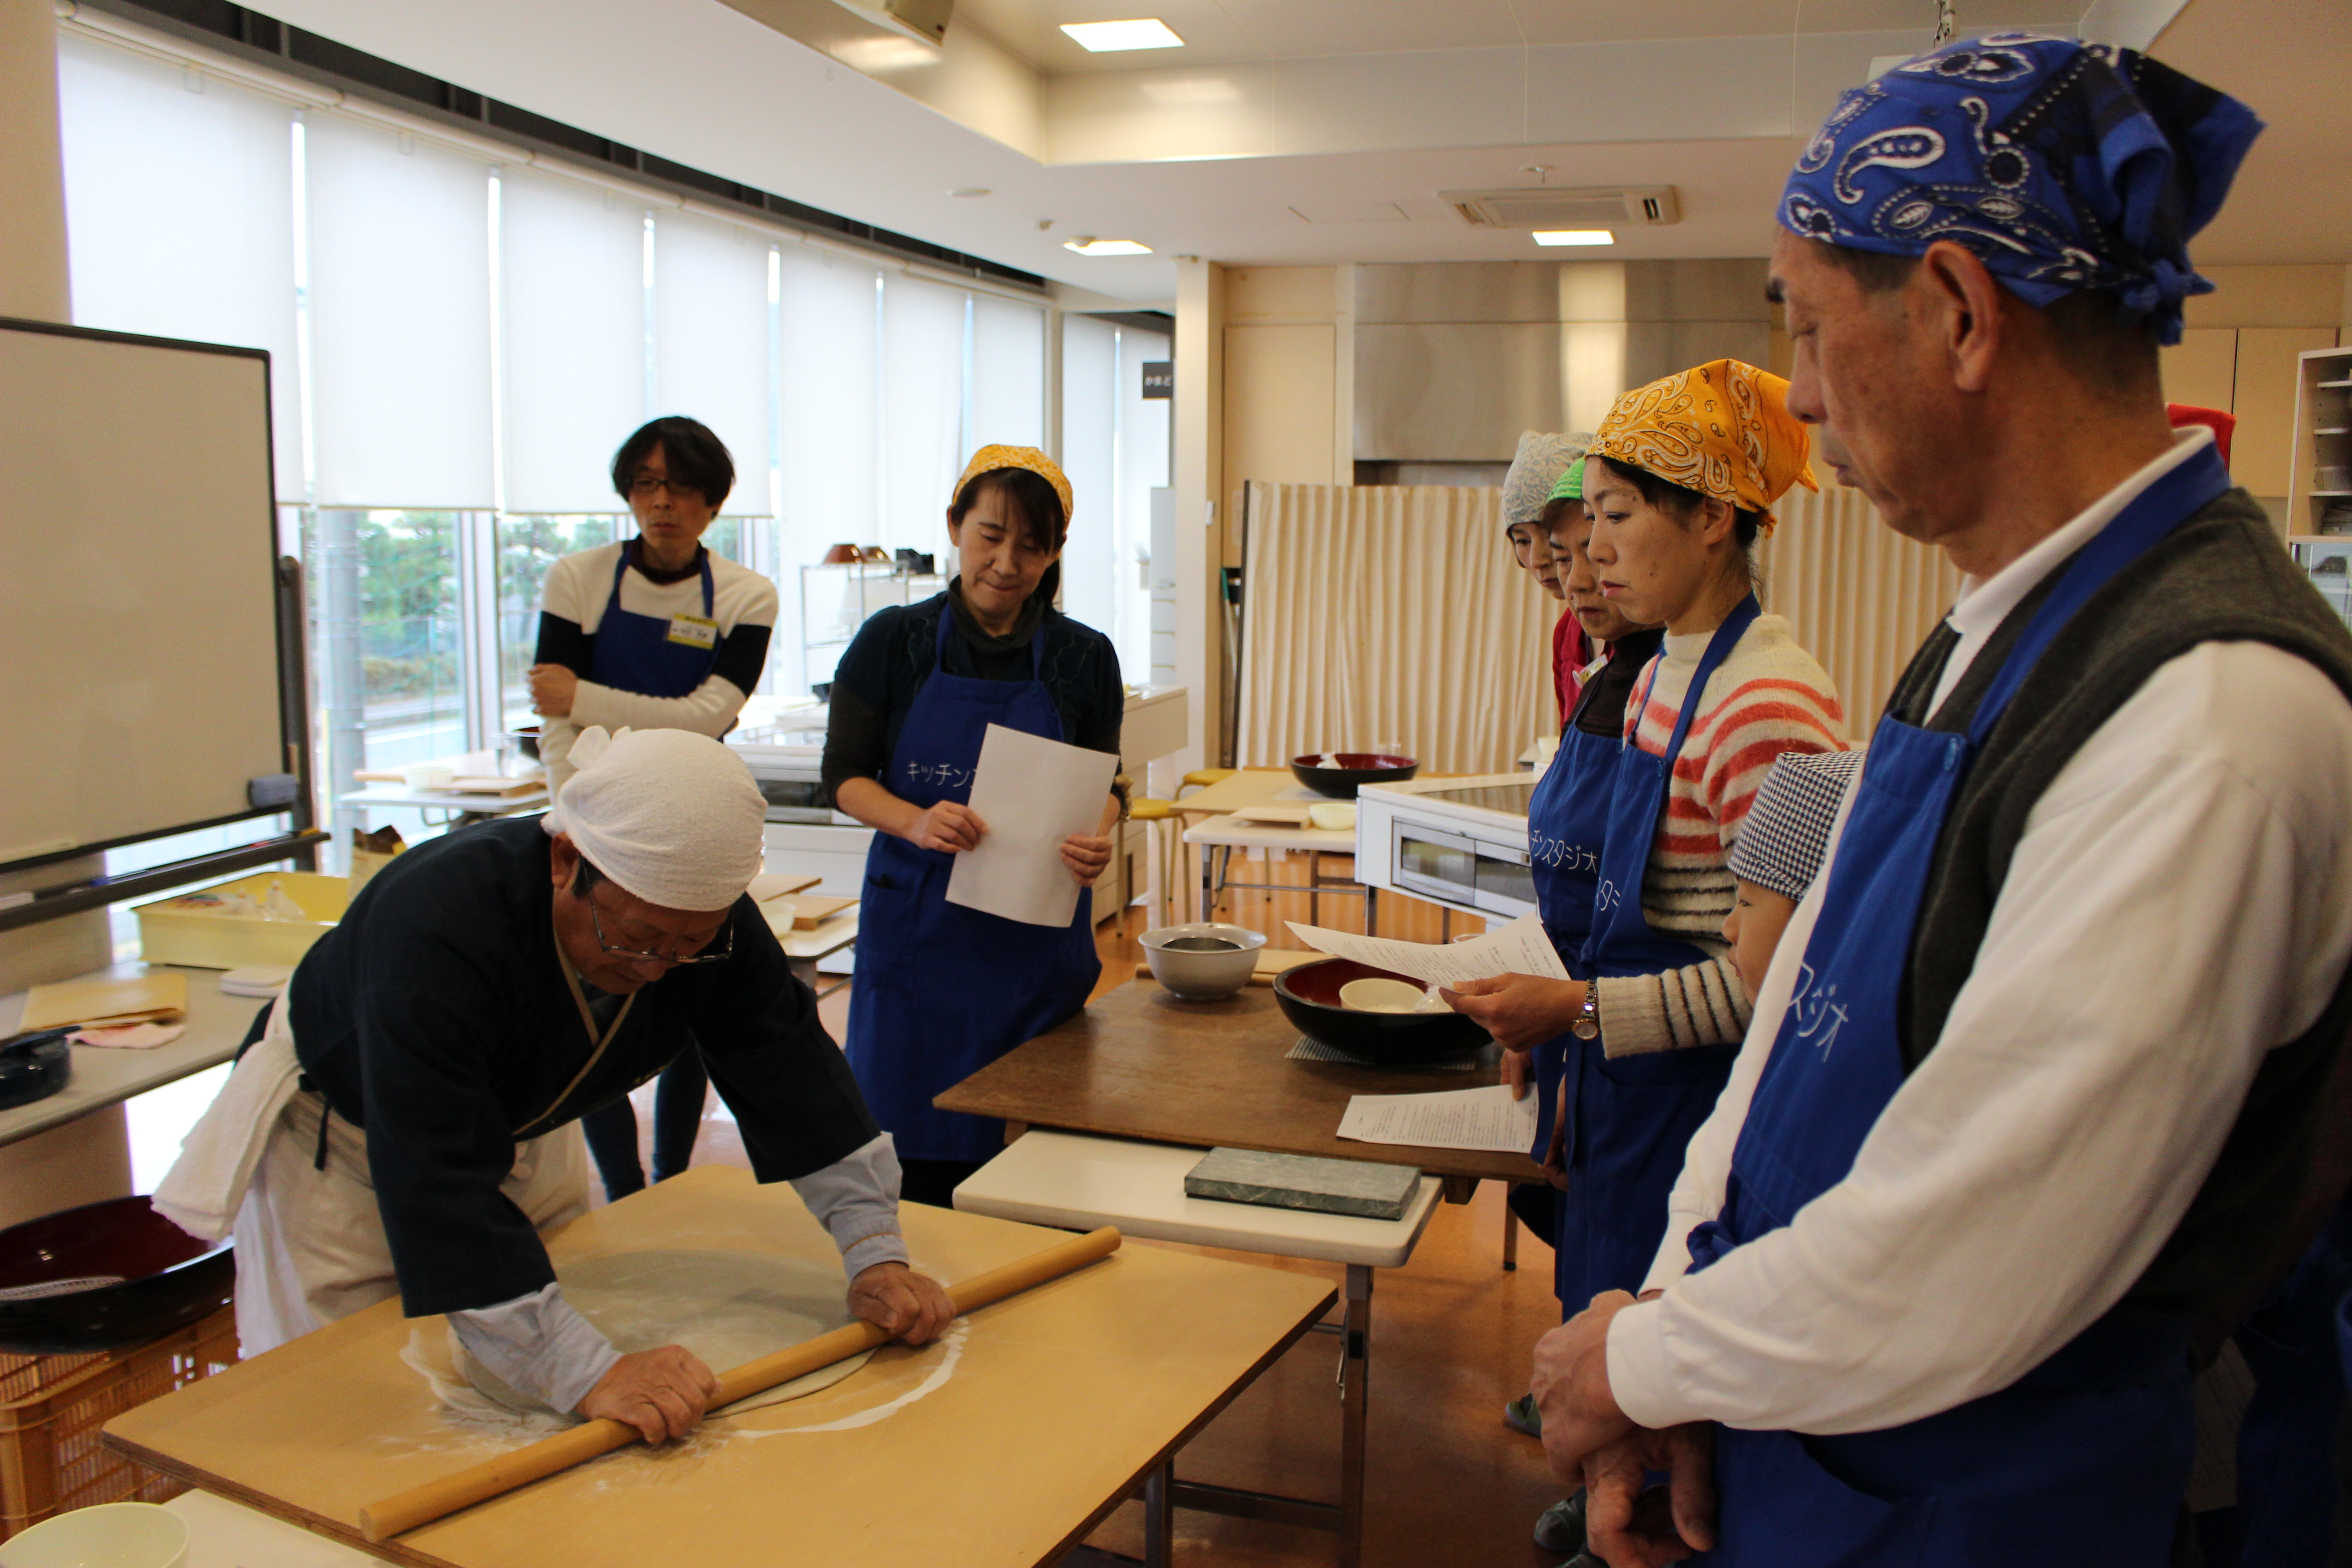 1b9b3c1069 食文化館日記 » 高鳥重郷氏の蕎麦打ち教室が開かれました!